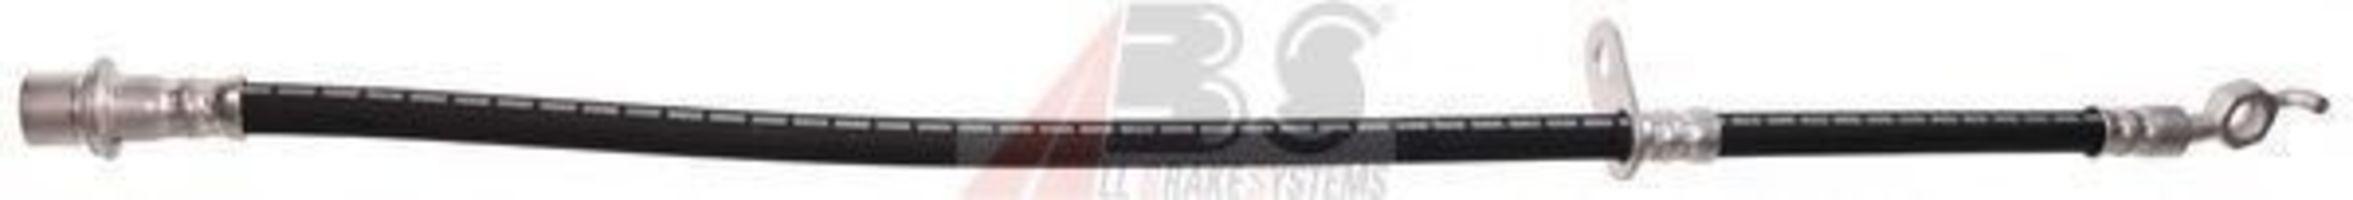 Шланг тормозной A.B.S. SL 5294